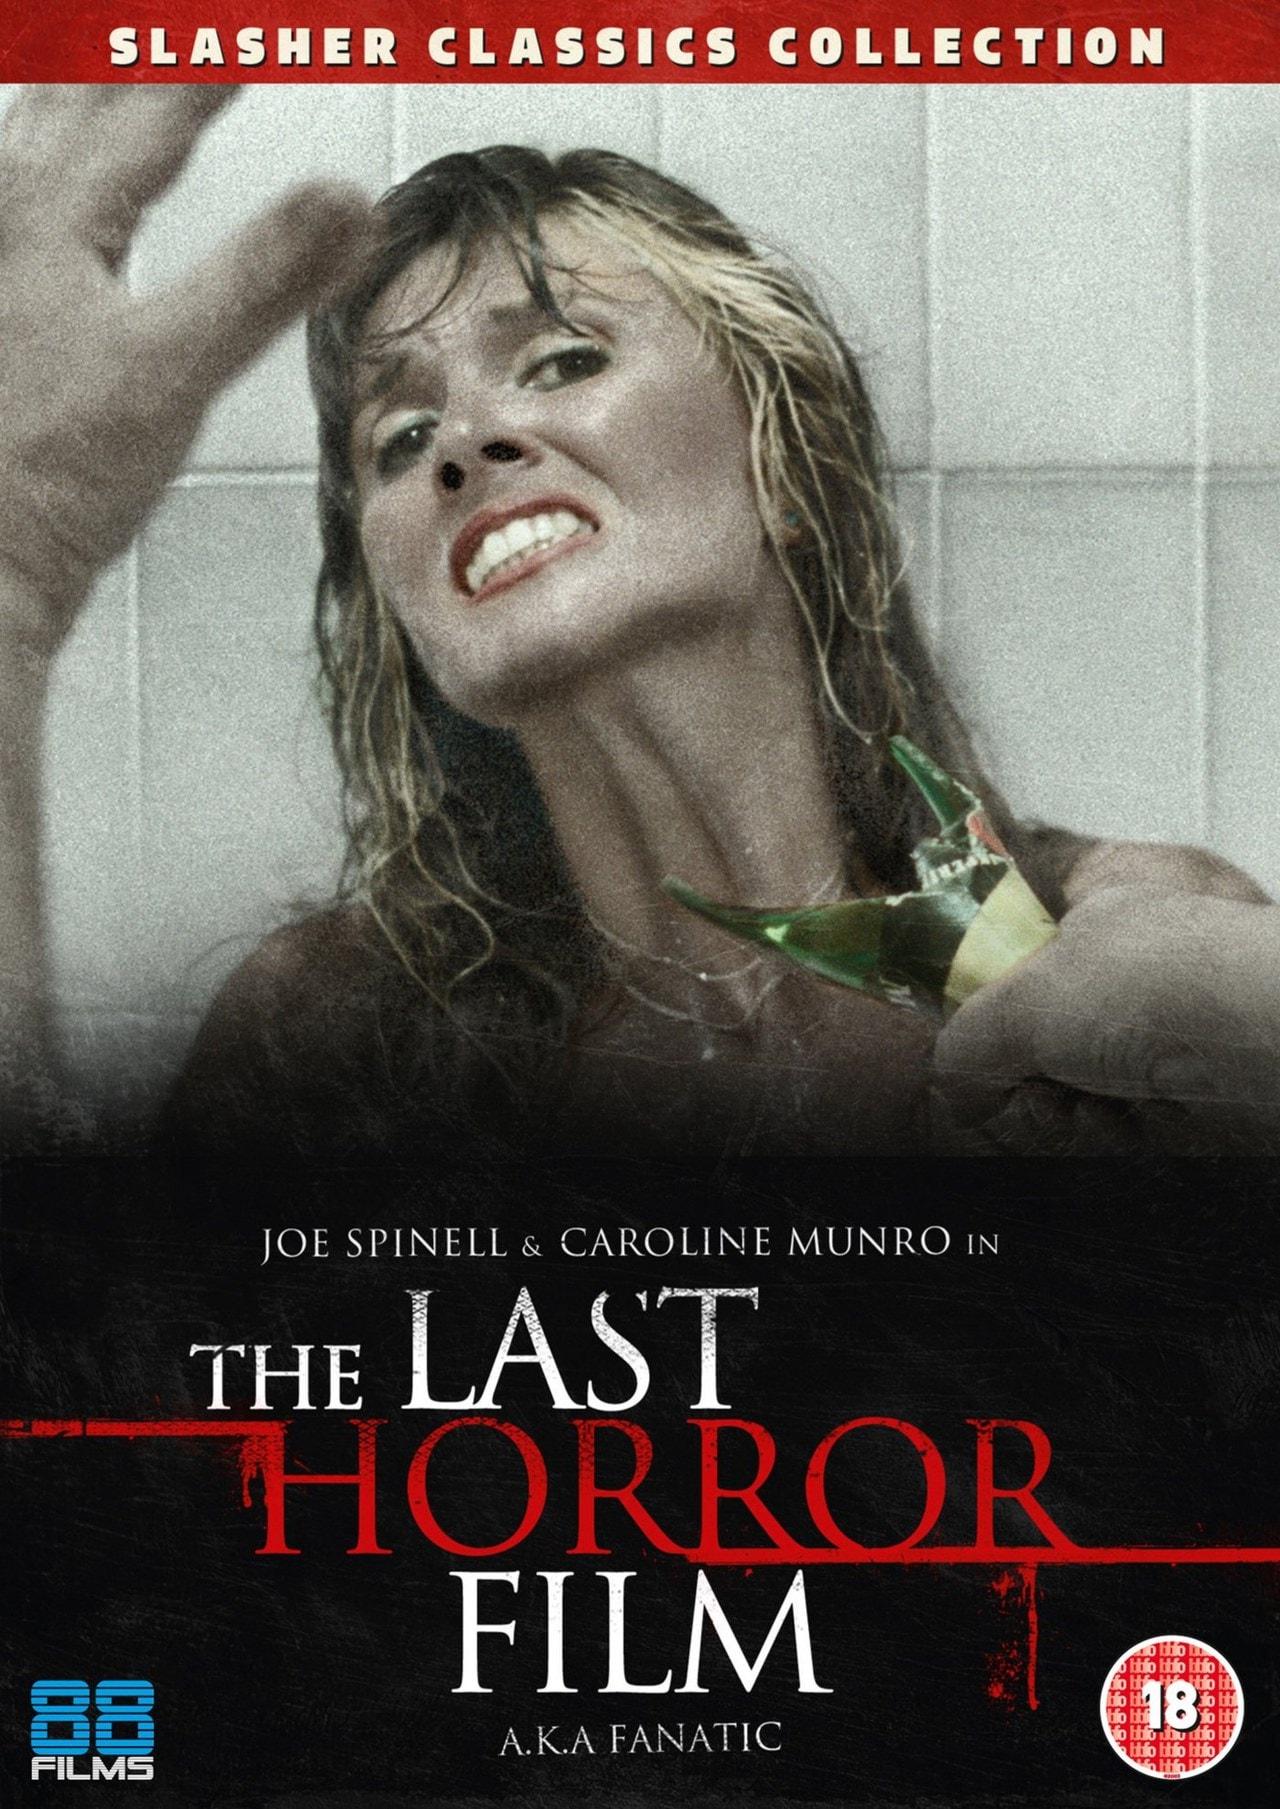 The Last Horror Film - 1